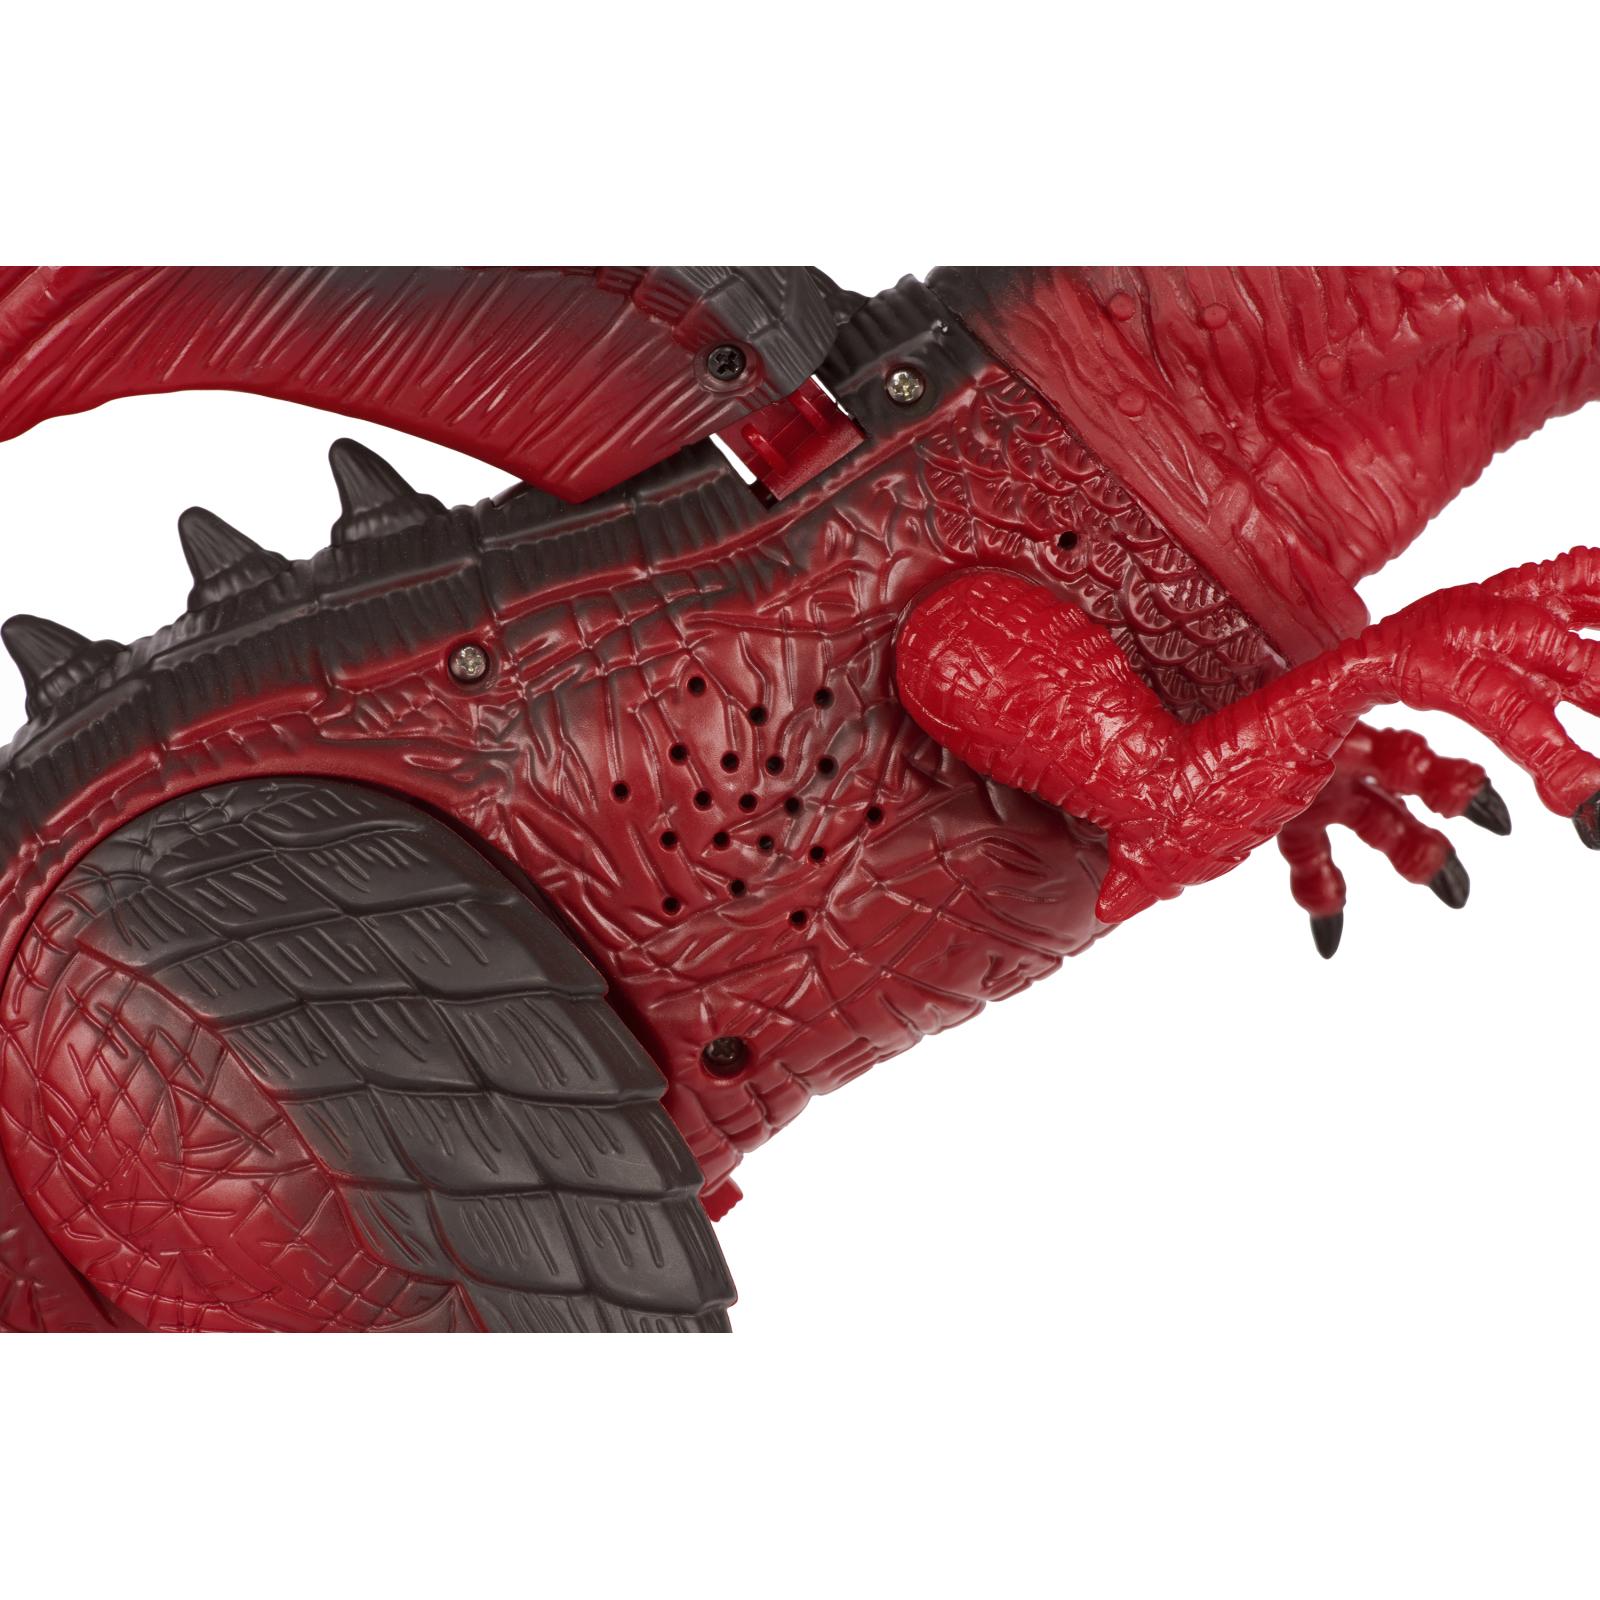 Интерактивная игрушка Same Toy Динозавр Dinosaur Planet Дракон красный со светом и звуком (RS6139Ut) изображение 9